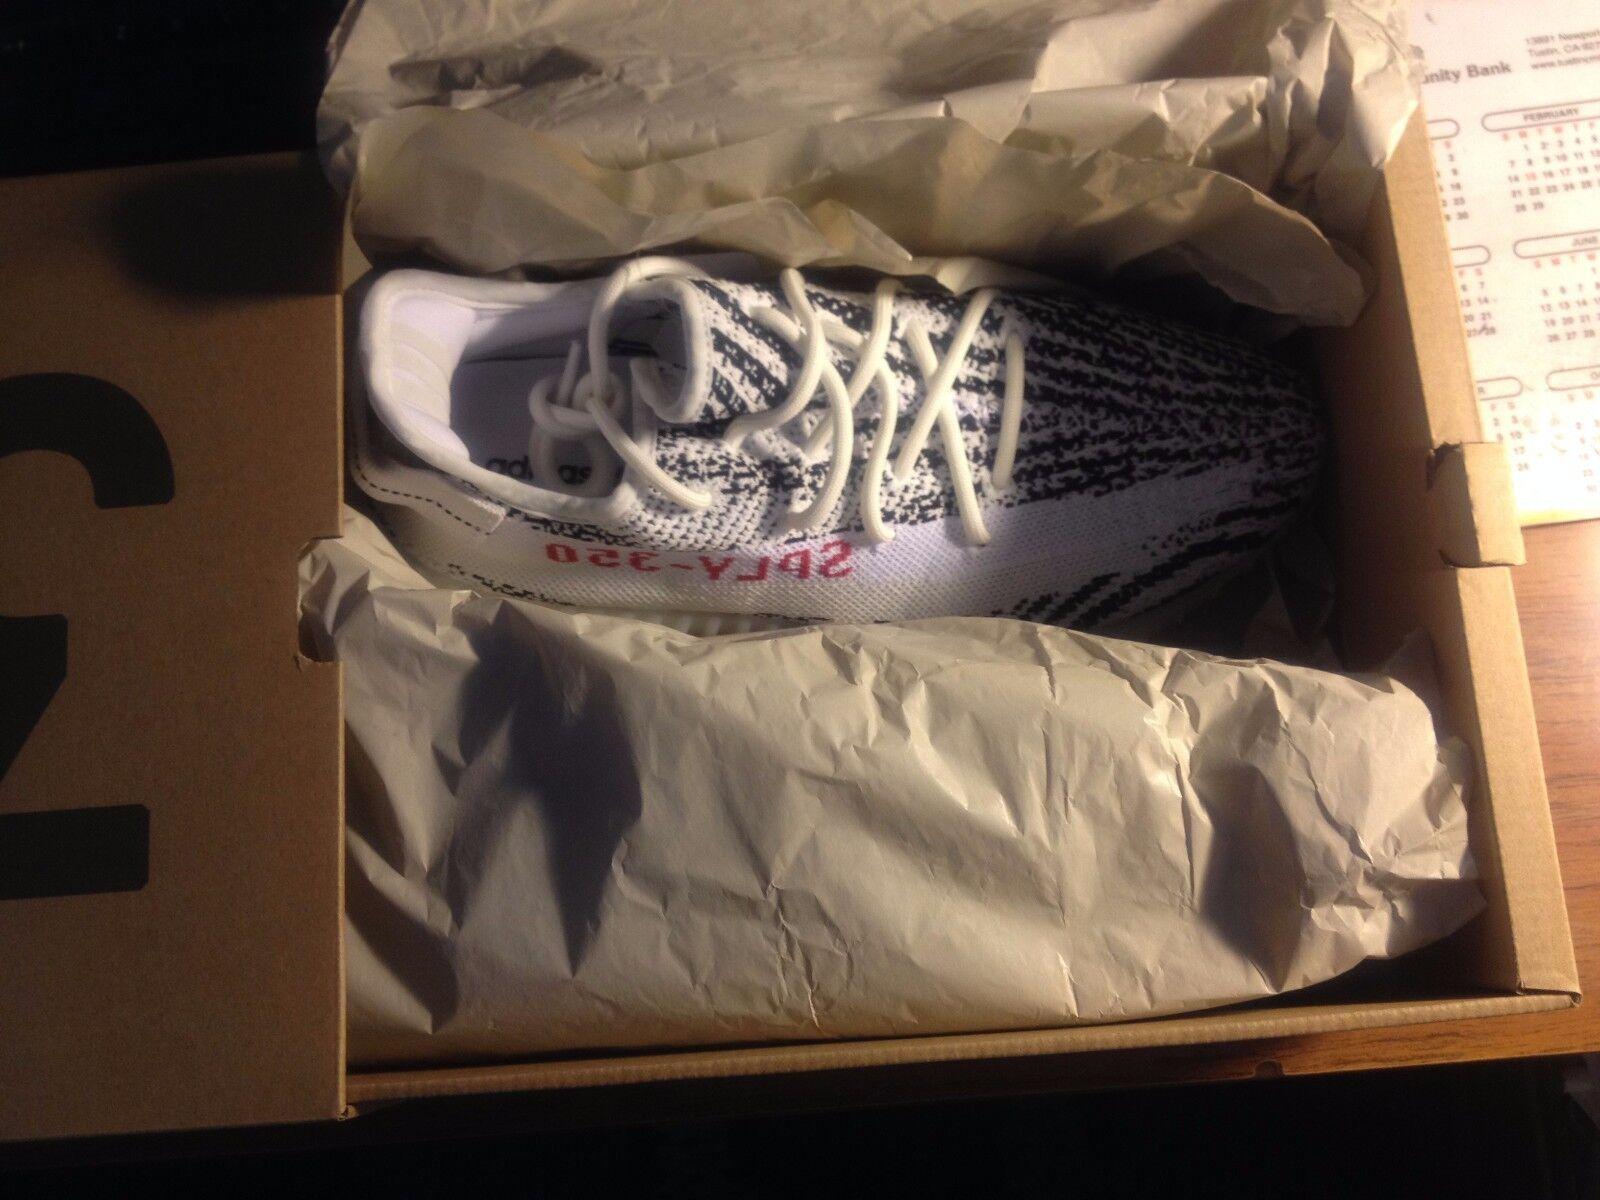 Adidas Yeezy 350 V2 Zebra CP9654 White Black Red SPLY Kanye West Size 8.5